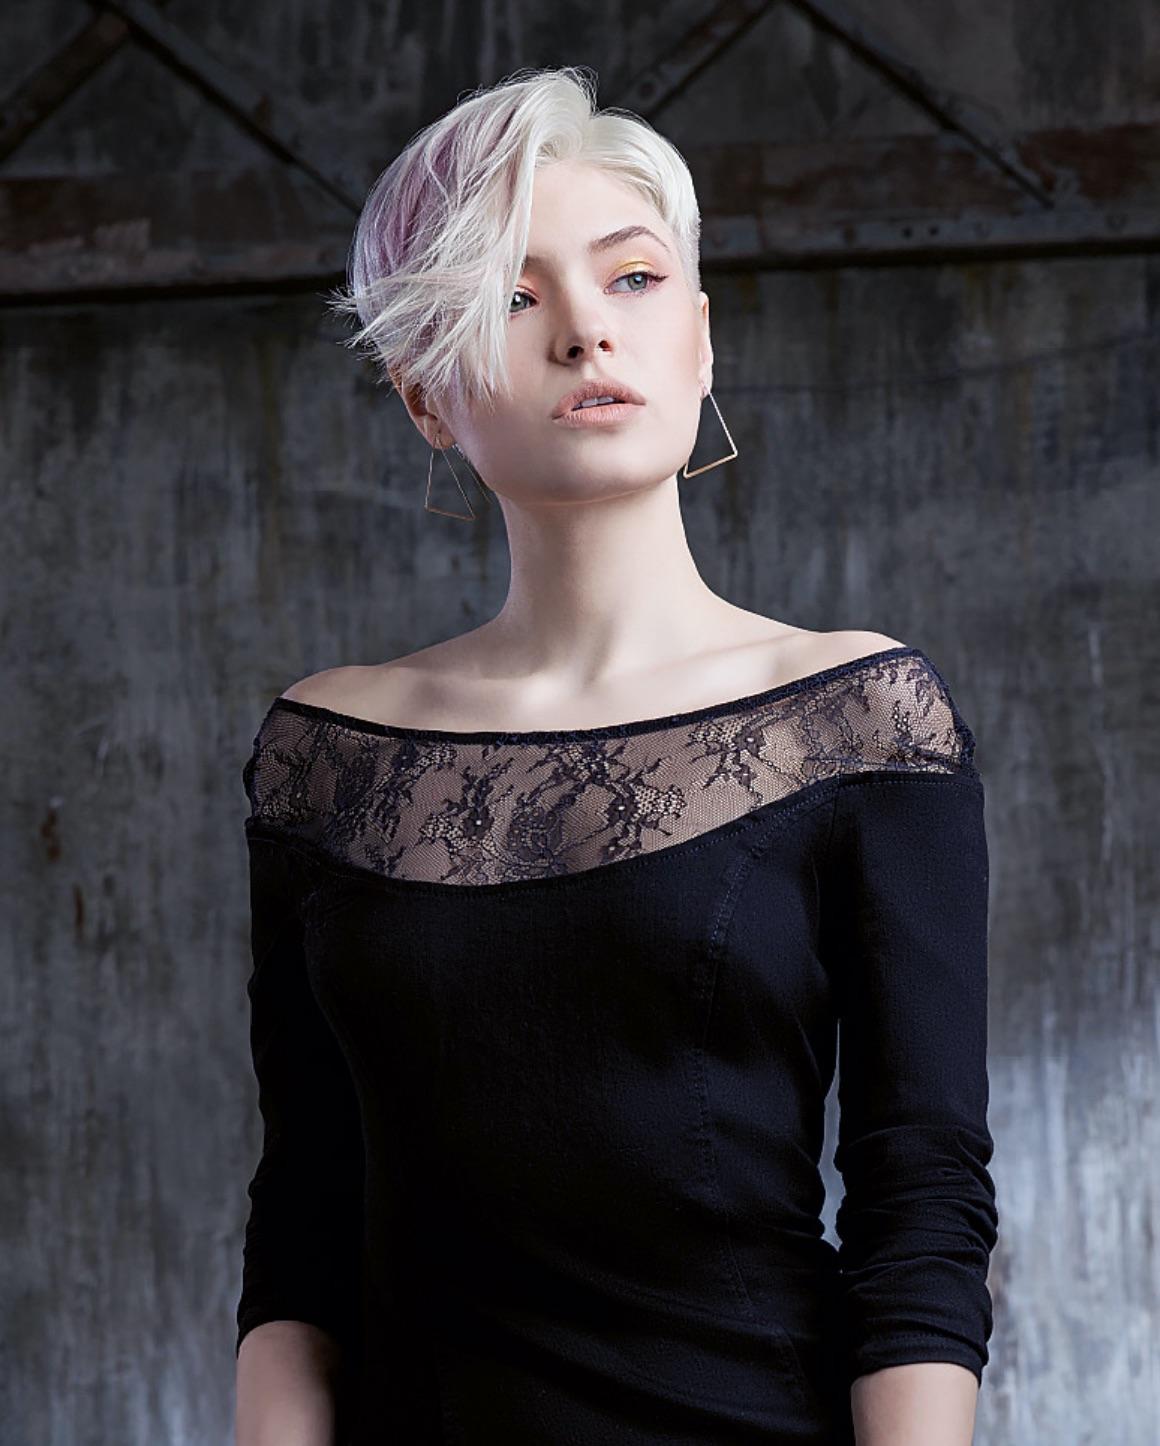 Ragazza con capelli color platino corti e con ciuffo rosa